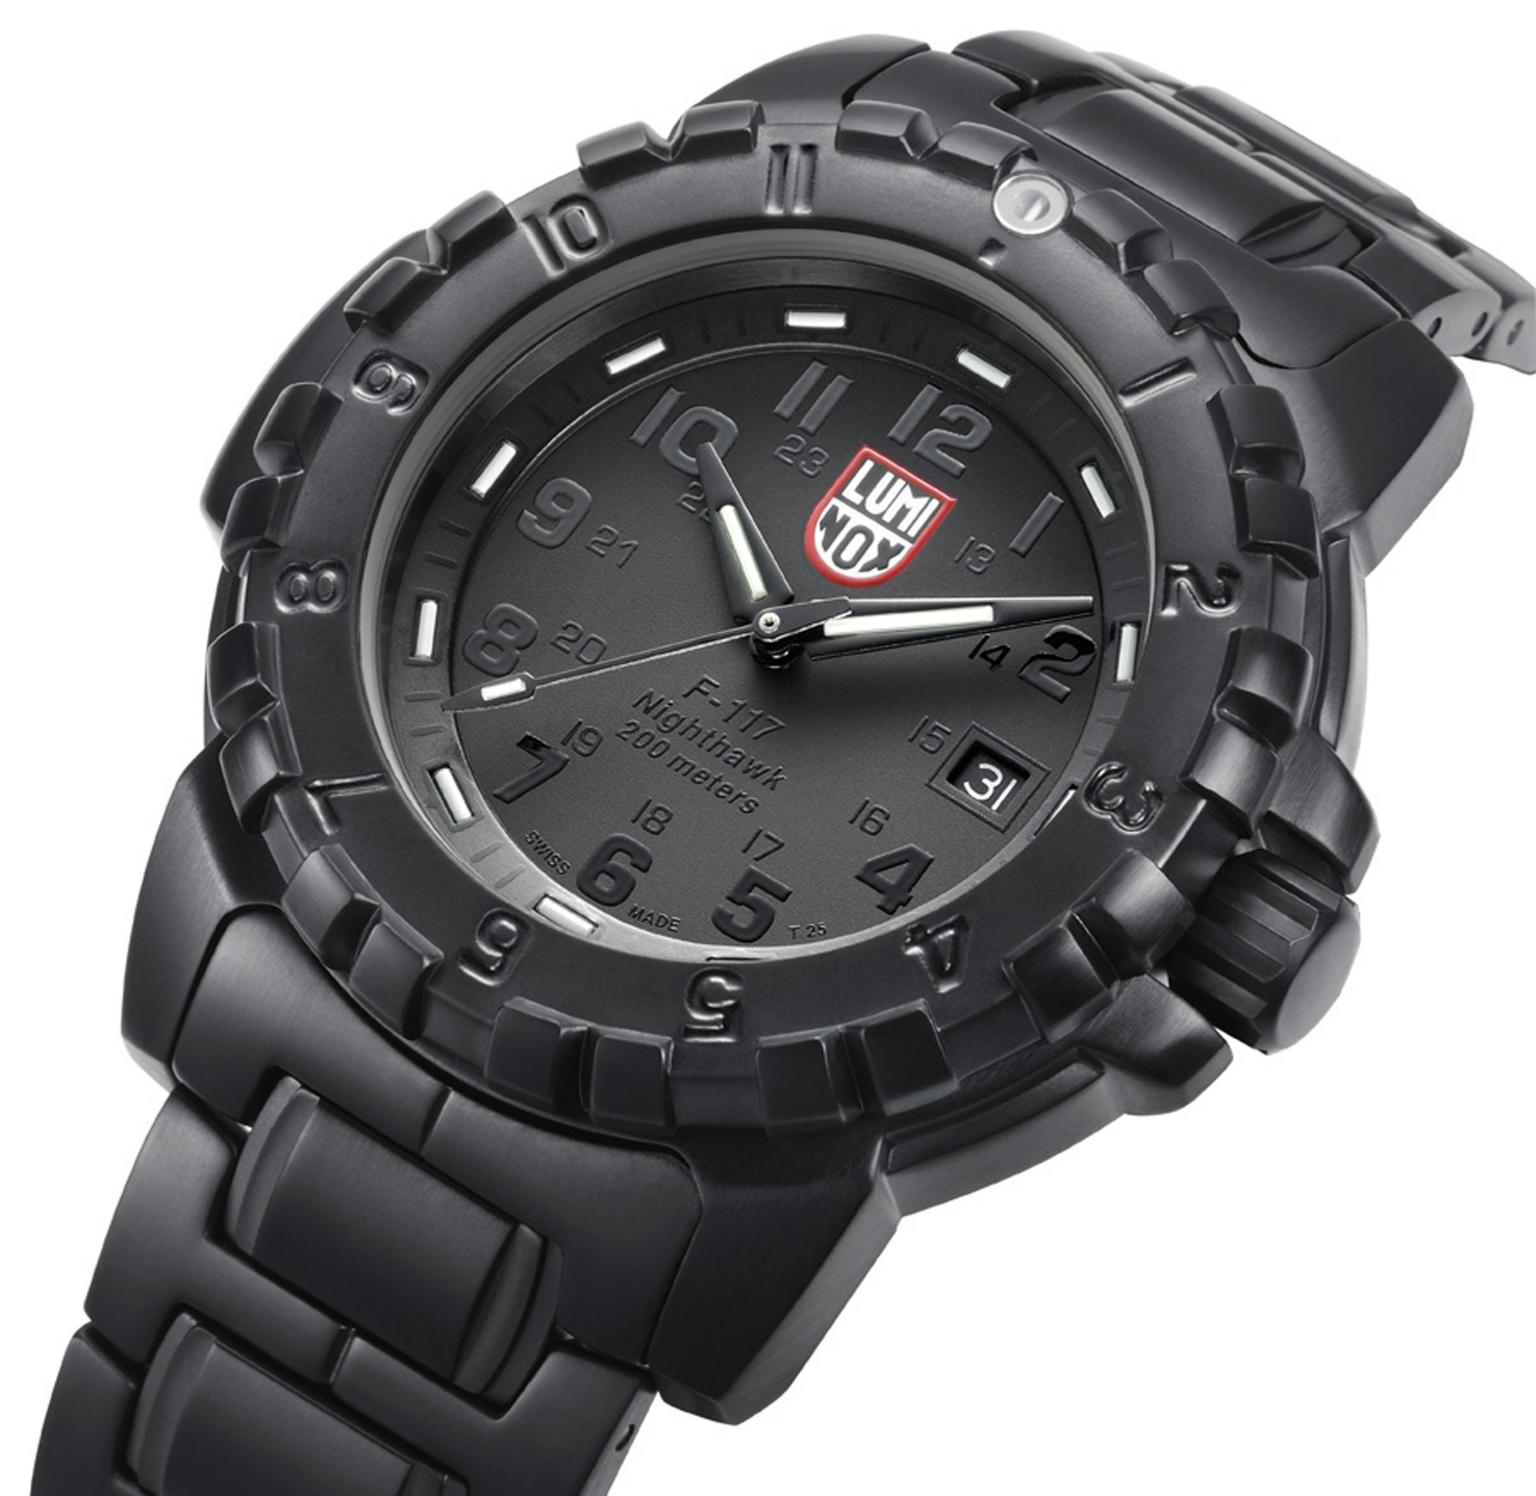 jam tangan otomatis on ... jam tangan biasa. Jam yang mereka pakai adalah jam tangan yang mereka